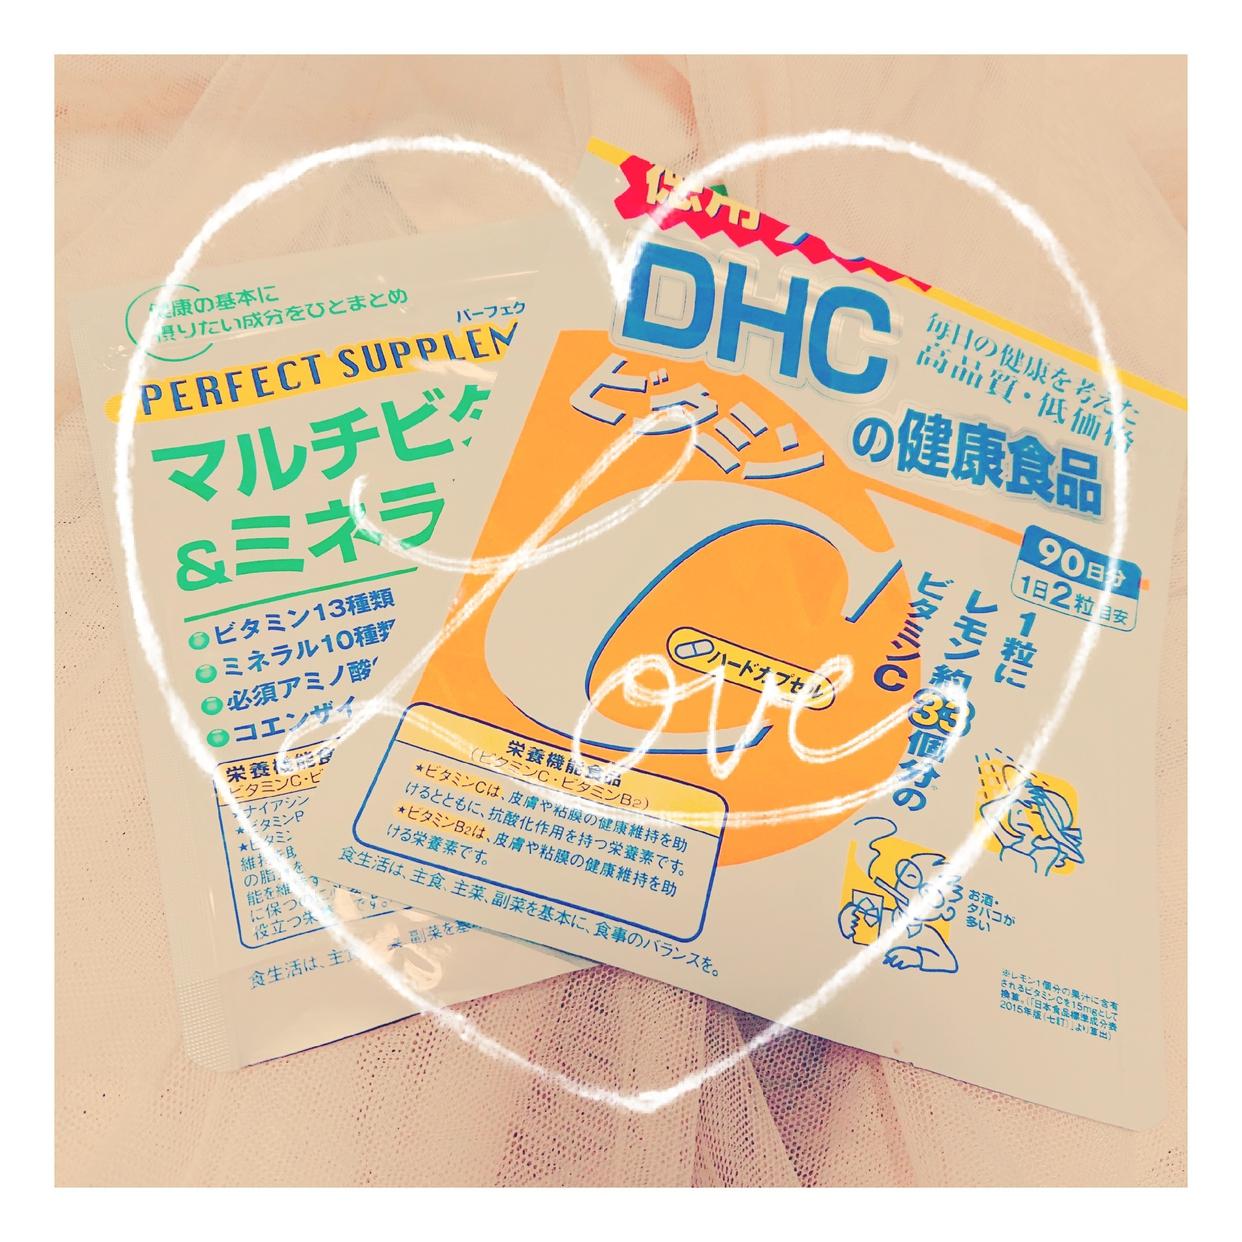 DHC(ディーエイチシー)パーフェクトサプリ マルチビタミン&ミネラルを使ったにるさんのクチコミ画像